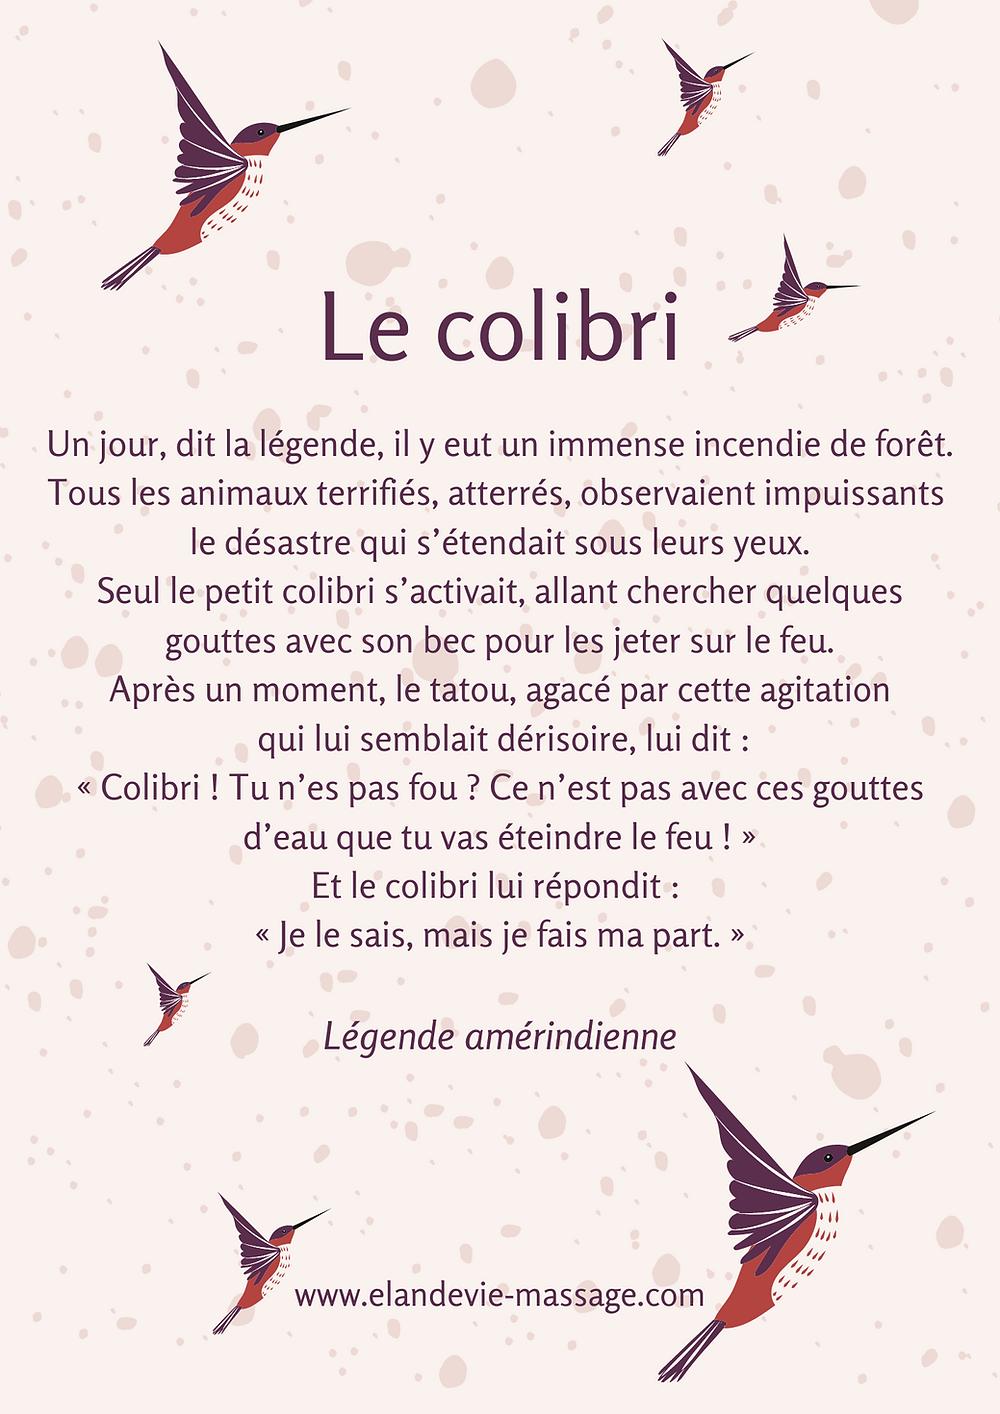 la légende du colibri racontée, affiche avec des dessins de colibris et un texte, couleurs marrons